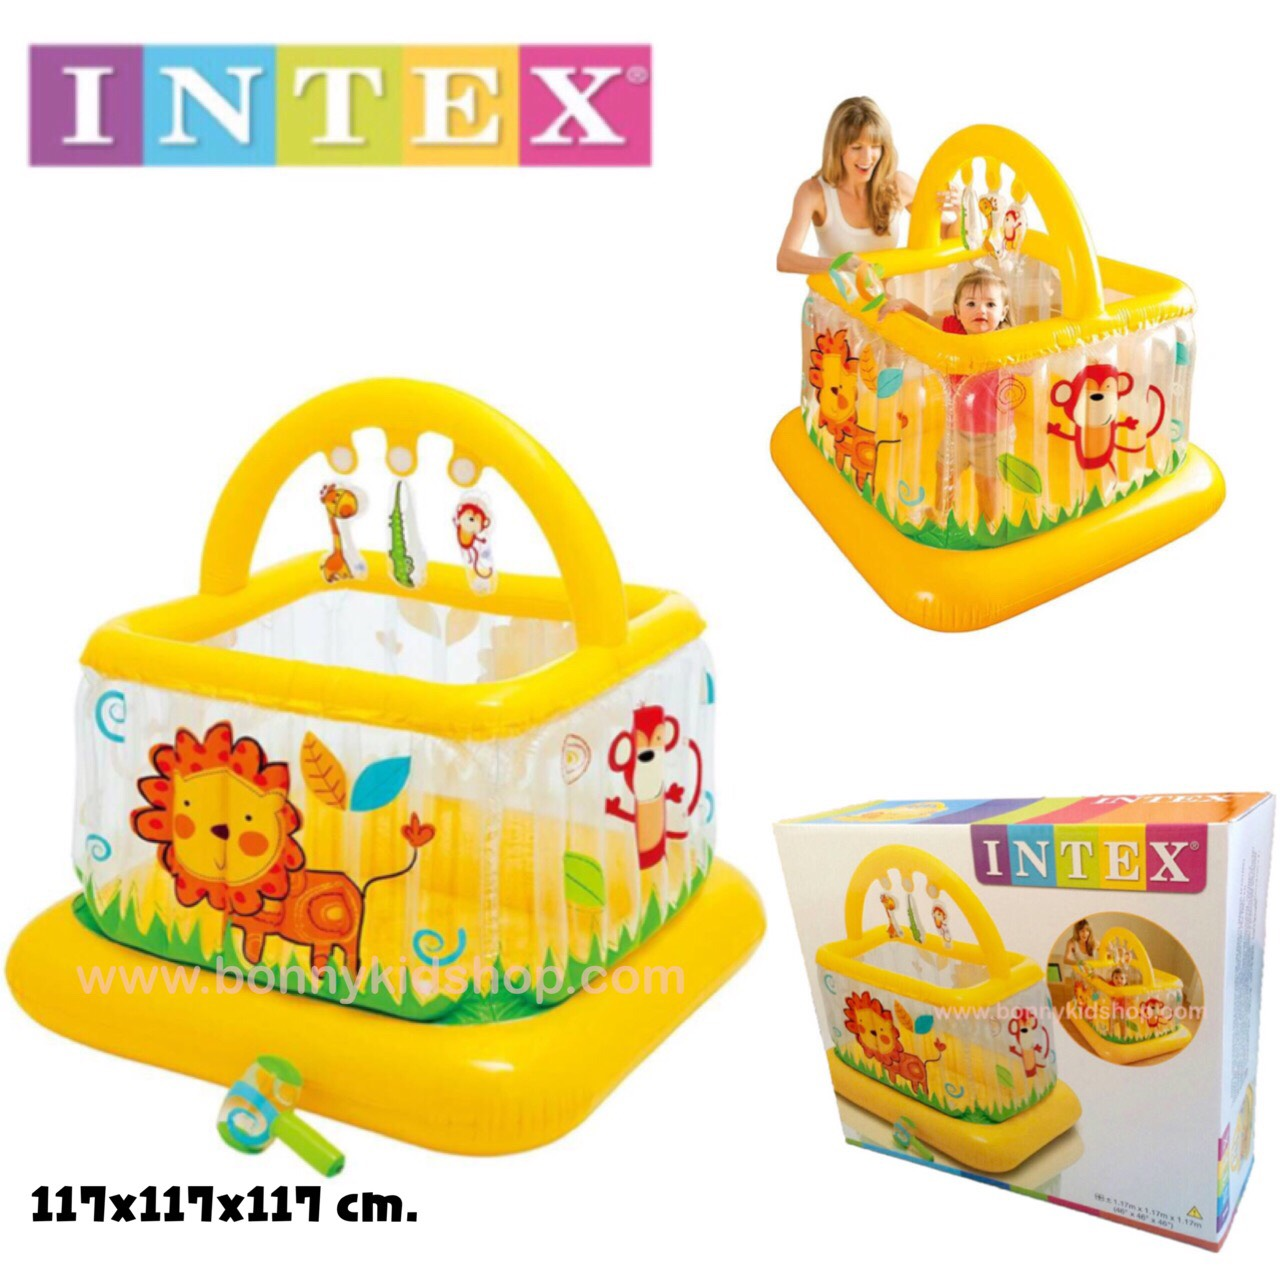 บ้านบอลเป่าลม คอกเด็กเป่าลม บ่อบอล Intex Soft Sides My First Lil' Babies And Toddlers Gym